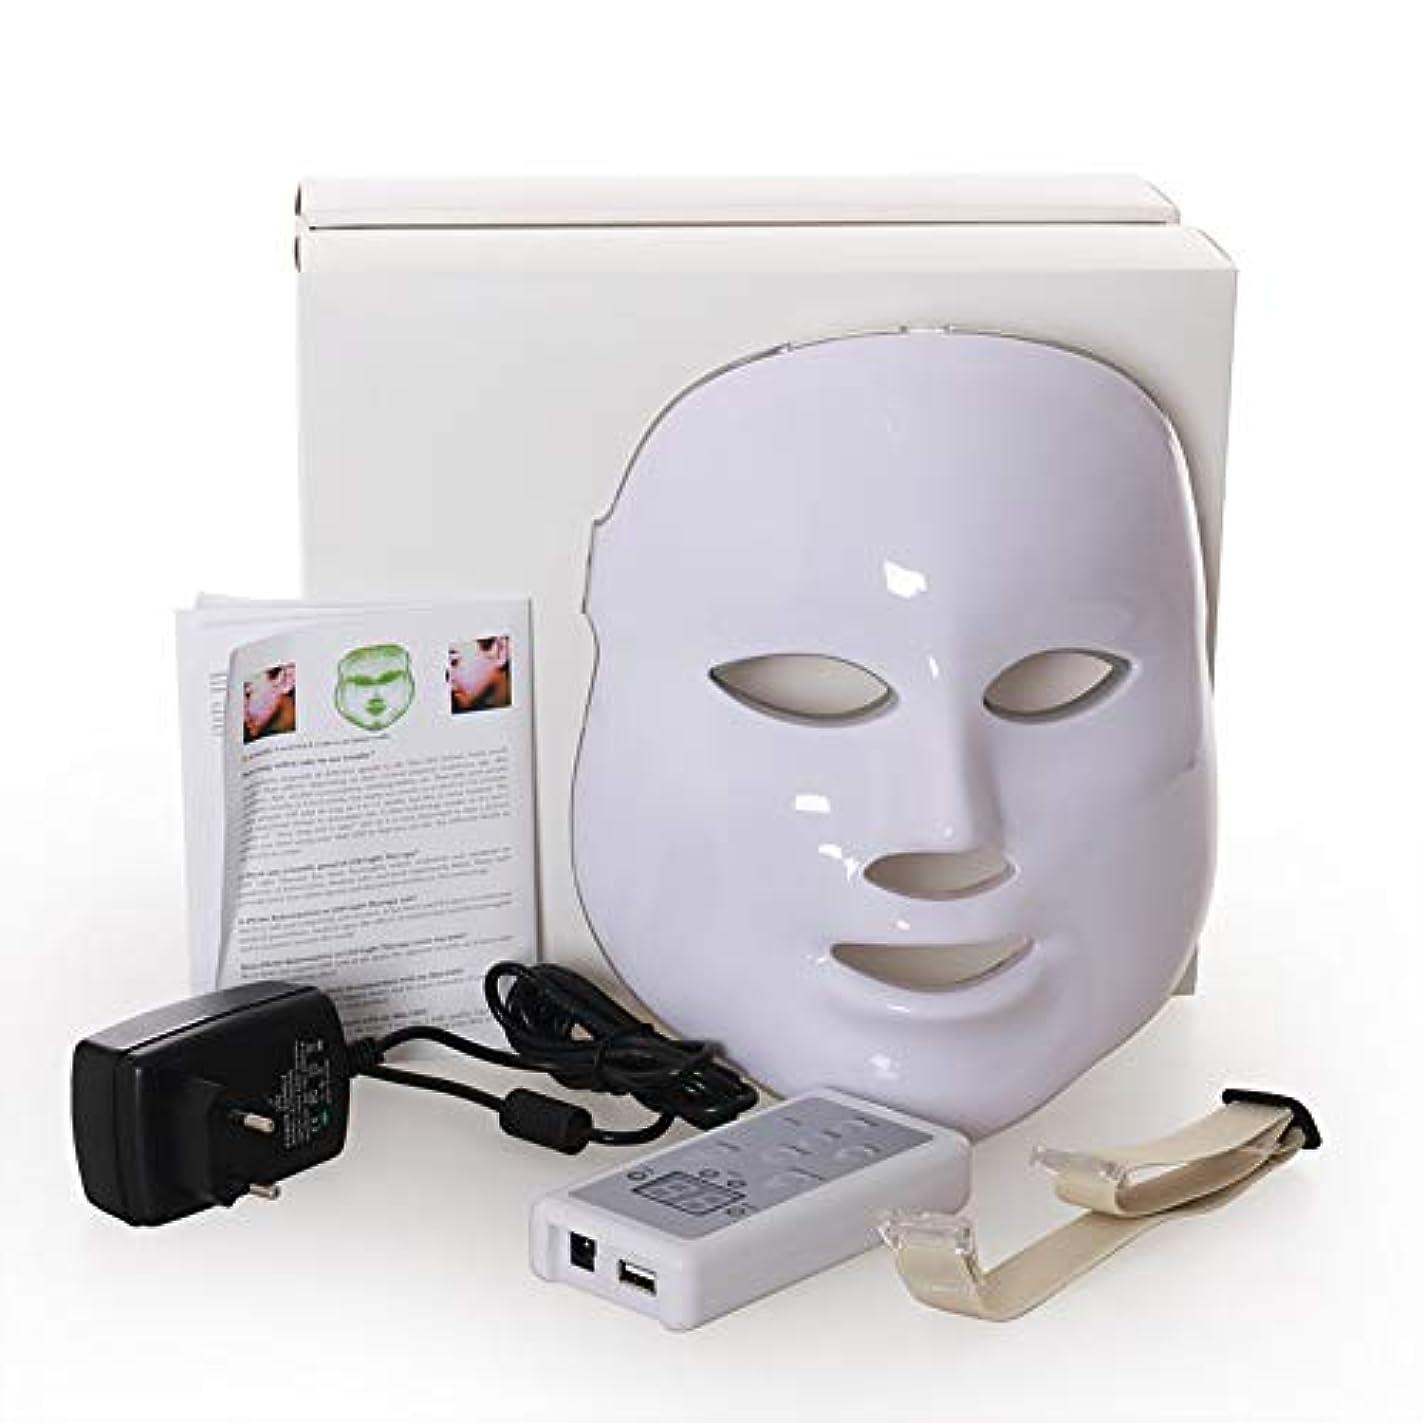 ウォルターカニンガムテーマ気分が悪いLed のマスク、7色はしわ、にきび及び健康な皮の若返りのコラーゲン、反老化の美のマスクのための軽い療法の顔のスキンケアのマスクを導きました